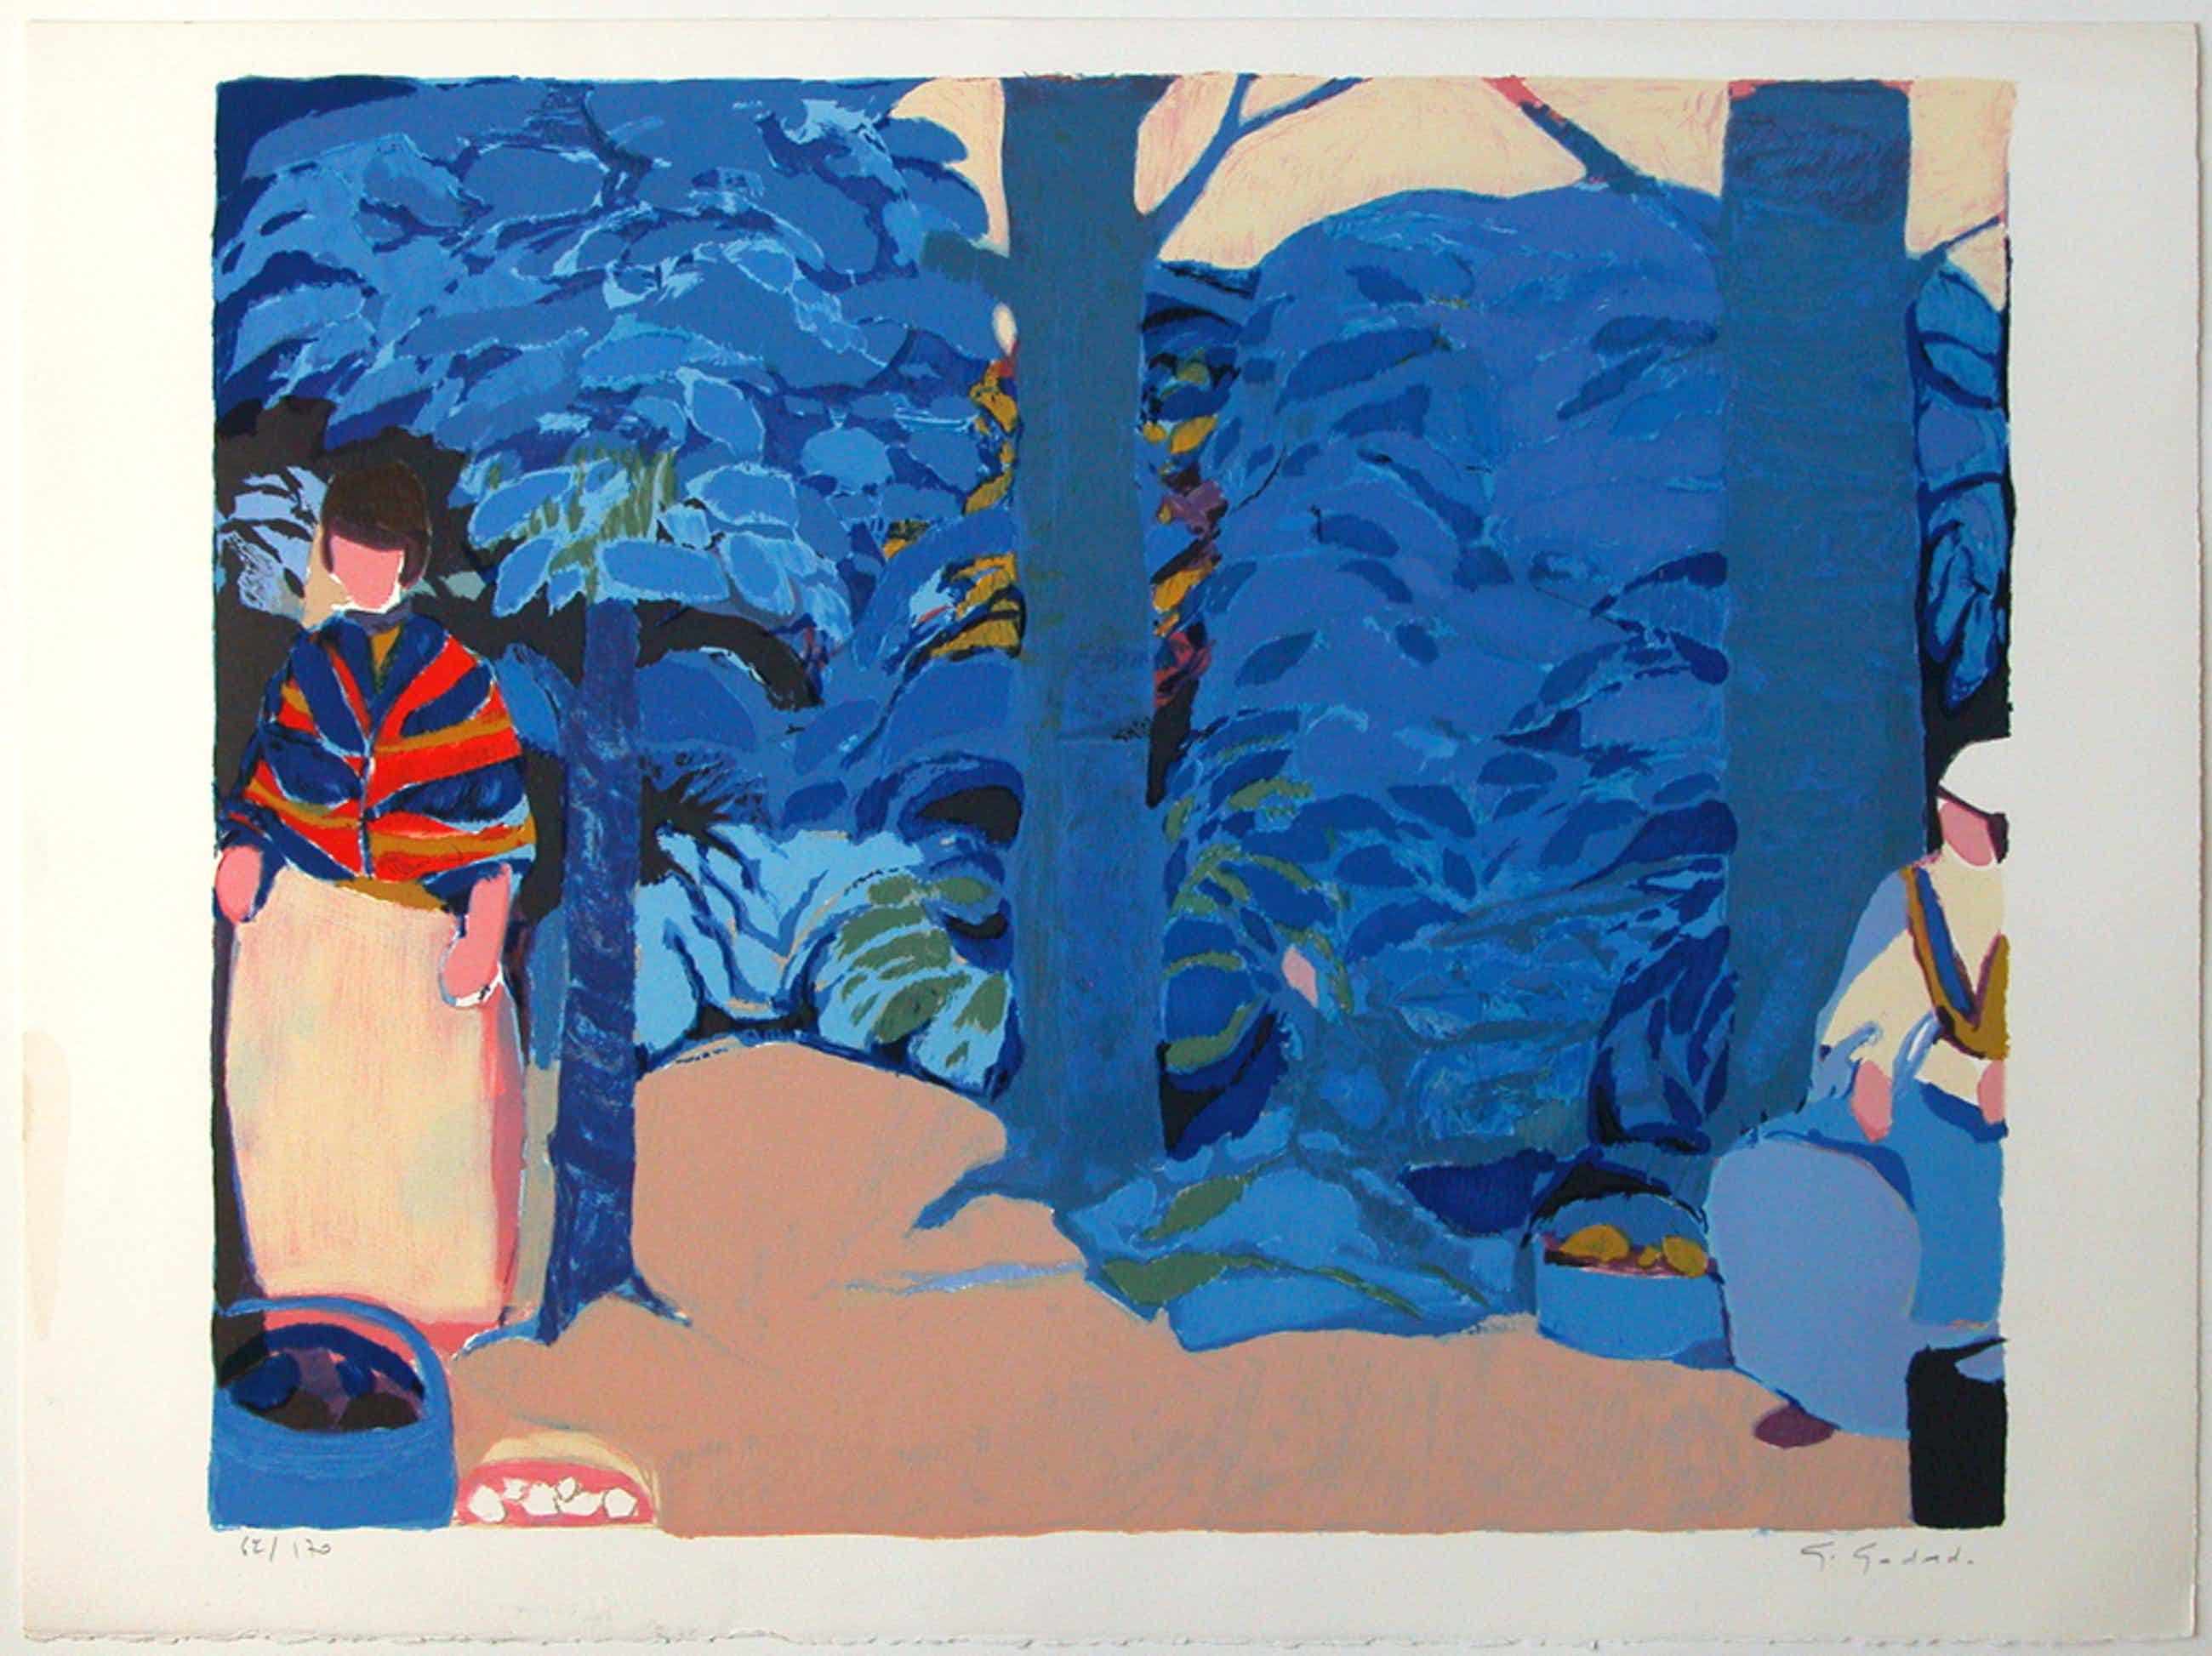 GABRIEL GODARD originele litho 'Arbres bleus' handgesigneerd kopen? Bied vanaf 85!